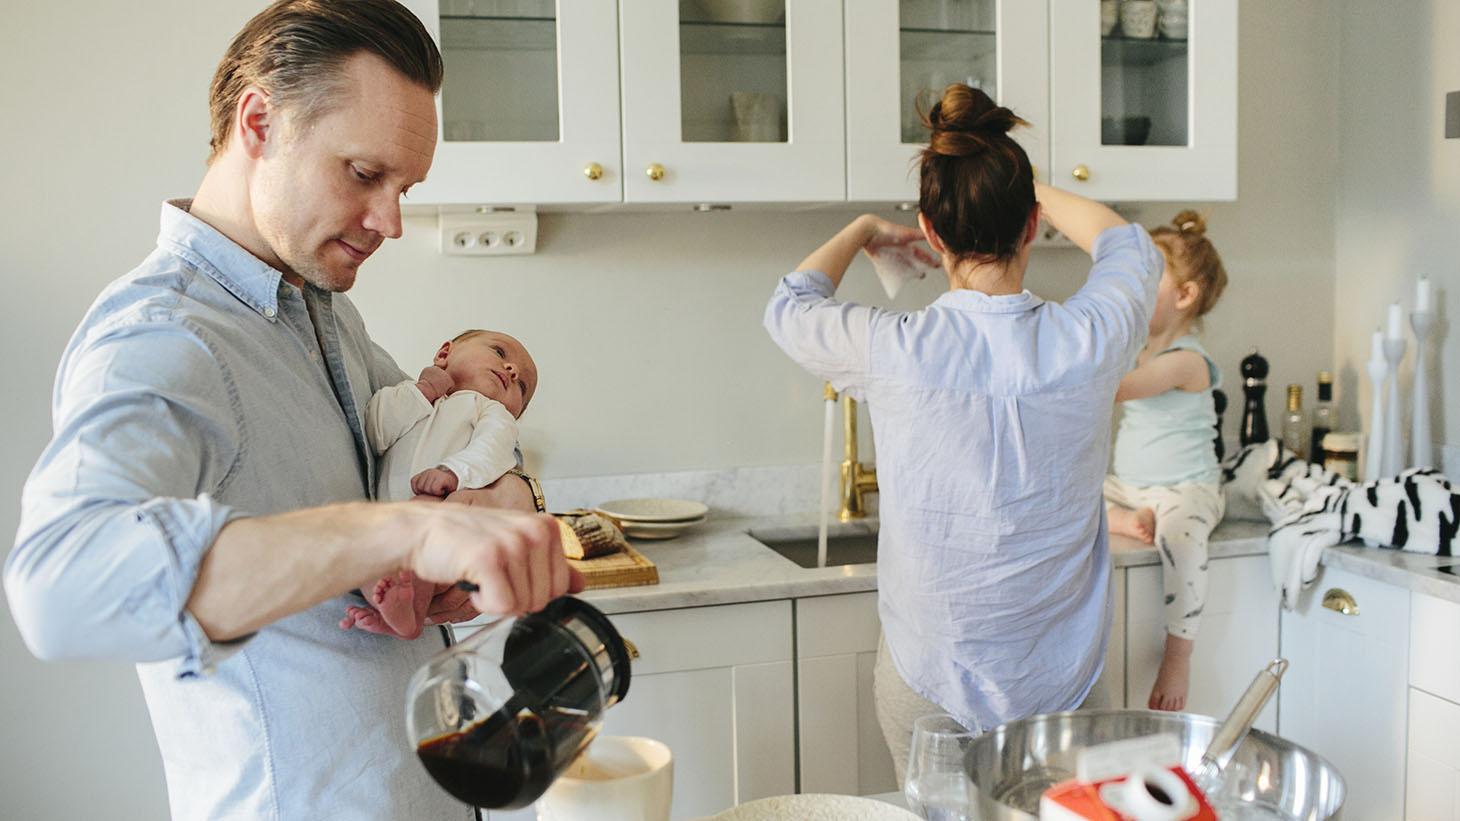 En familj i ett kök. Pappan bär på ett nyfött barn.